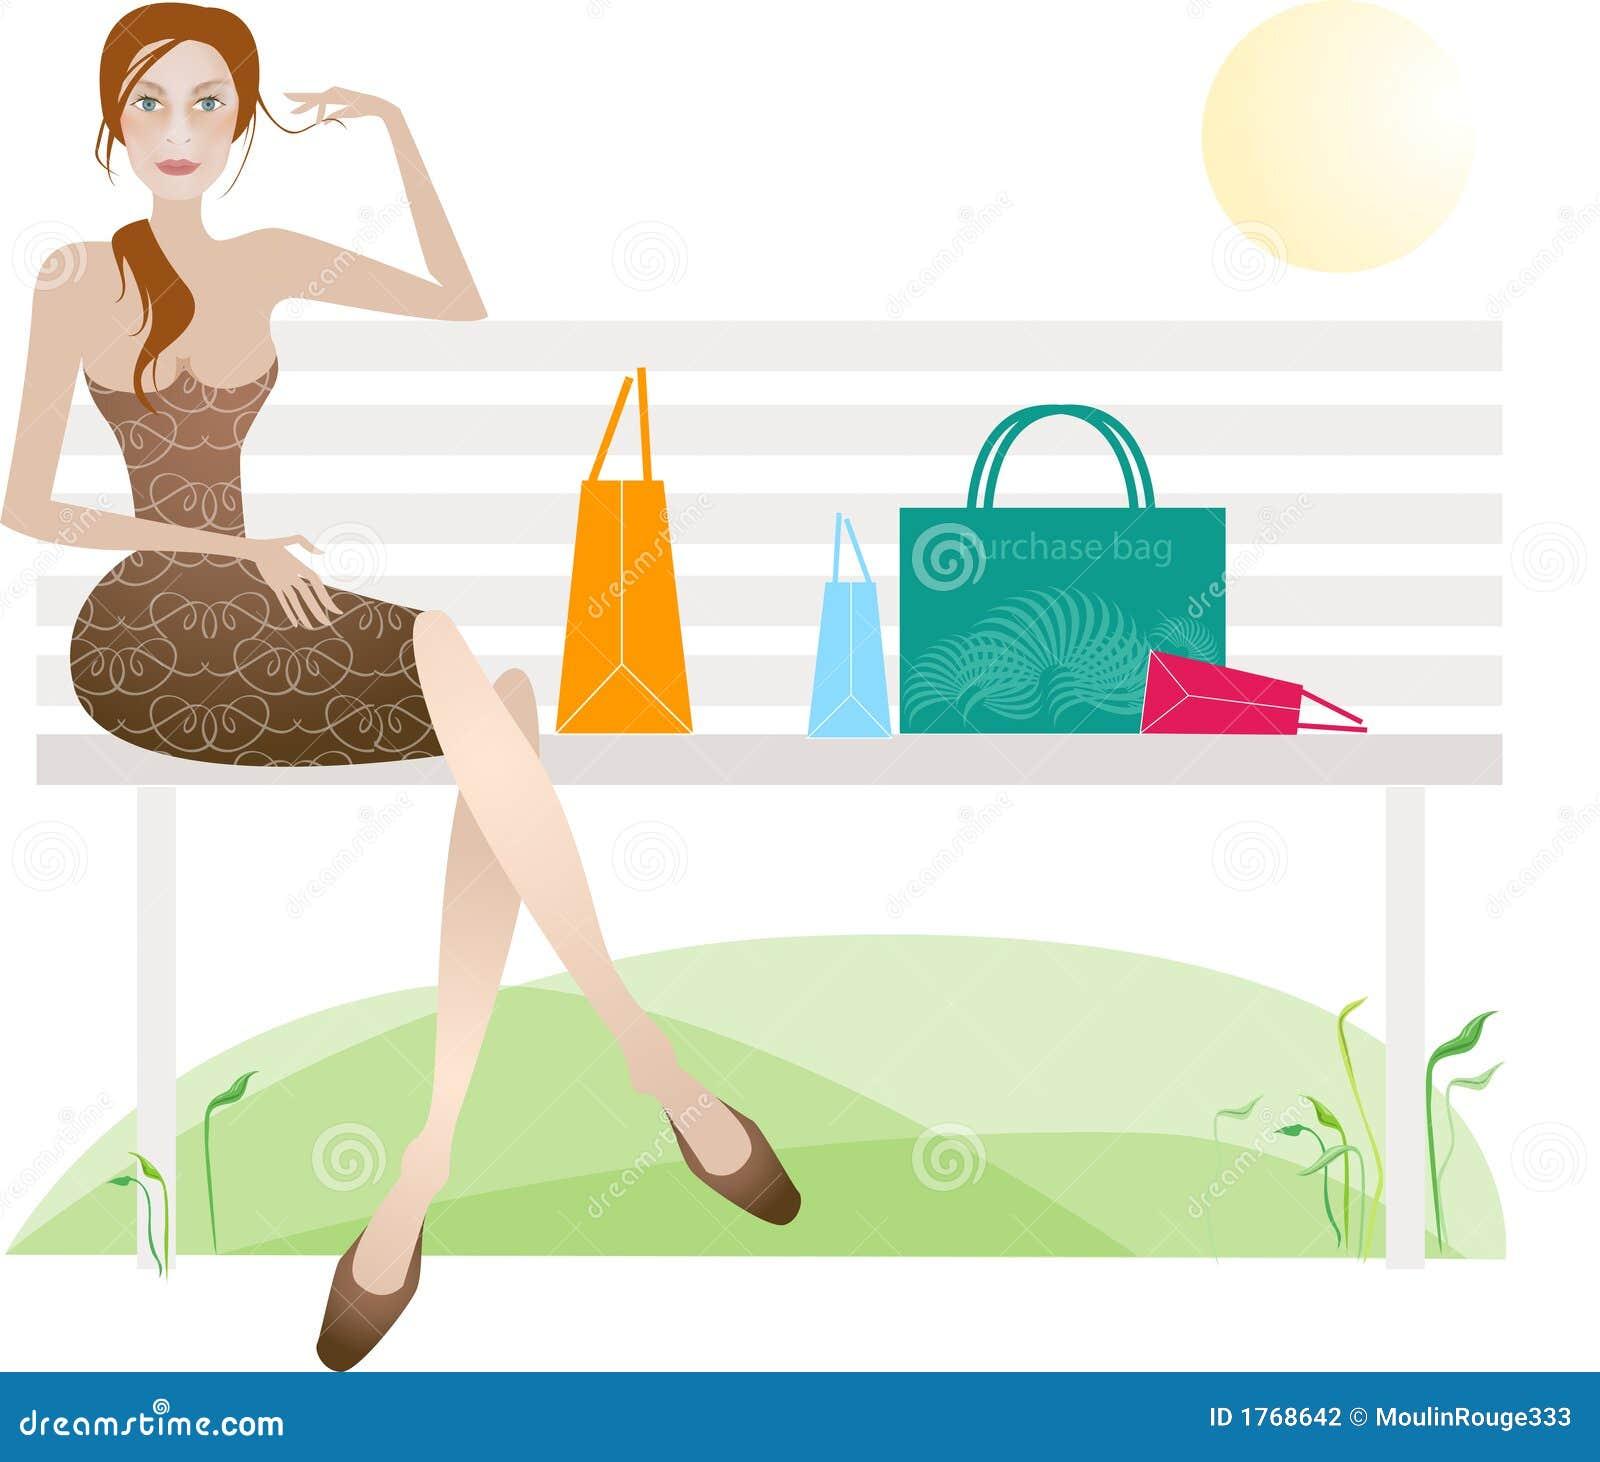 Día acertado de las compras